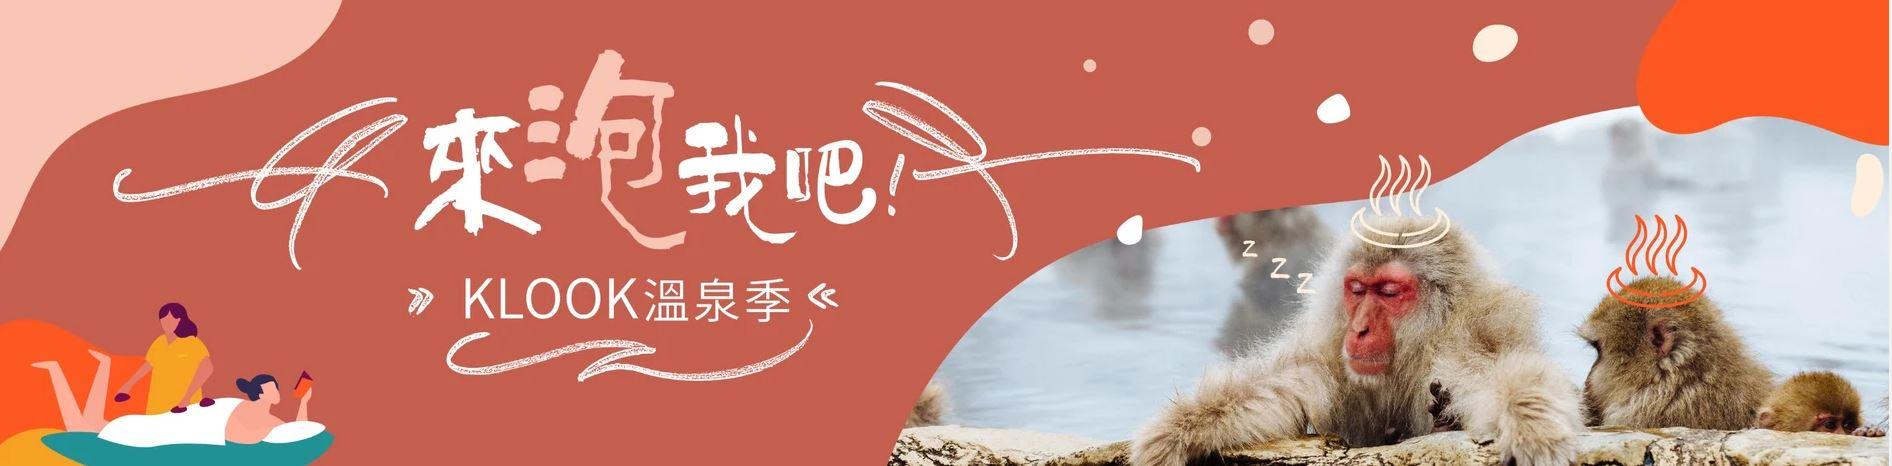 【2021台灣櫻花季】全台12大賞櫻景點推薦、花期預測、交通、賞櫻行程! - threeonelee.com